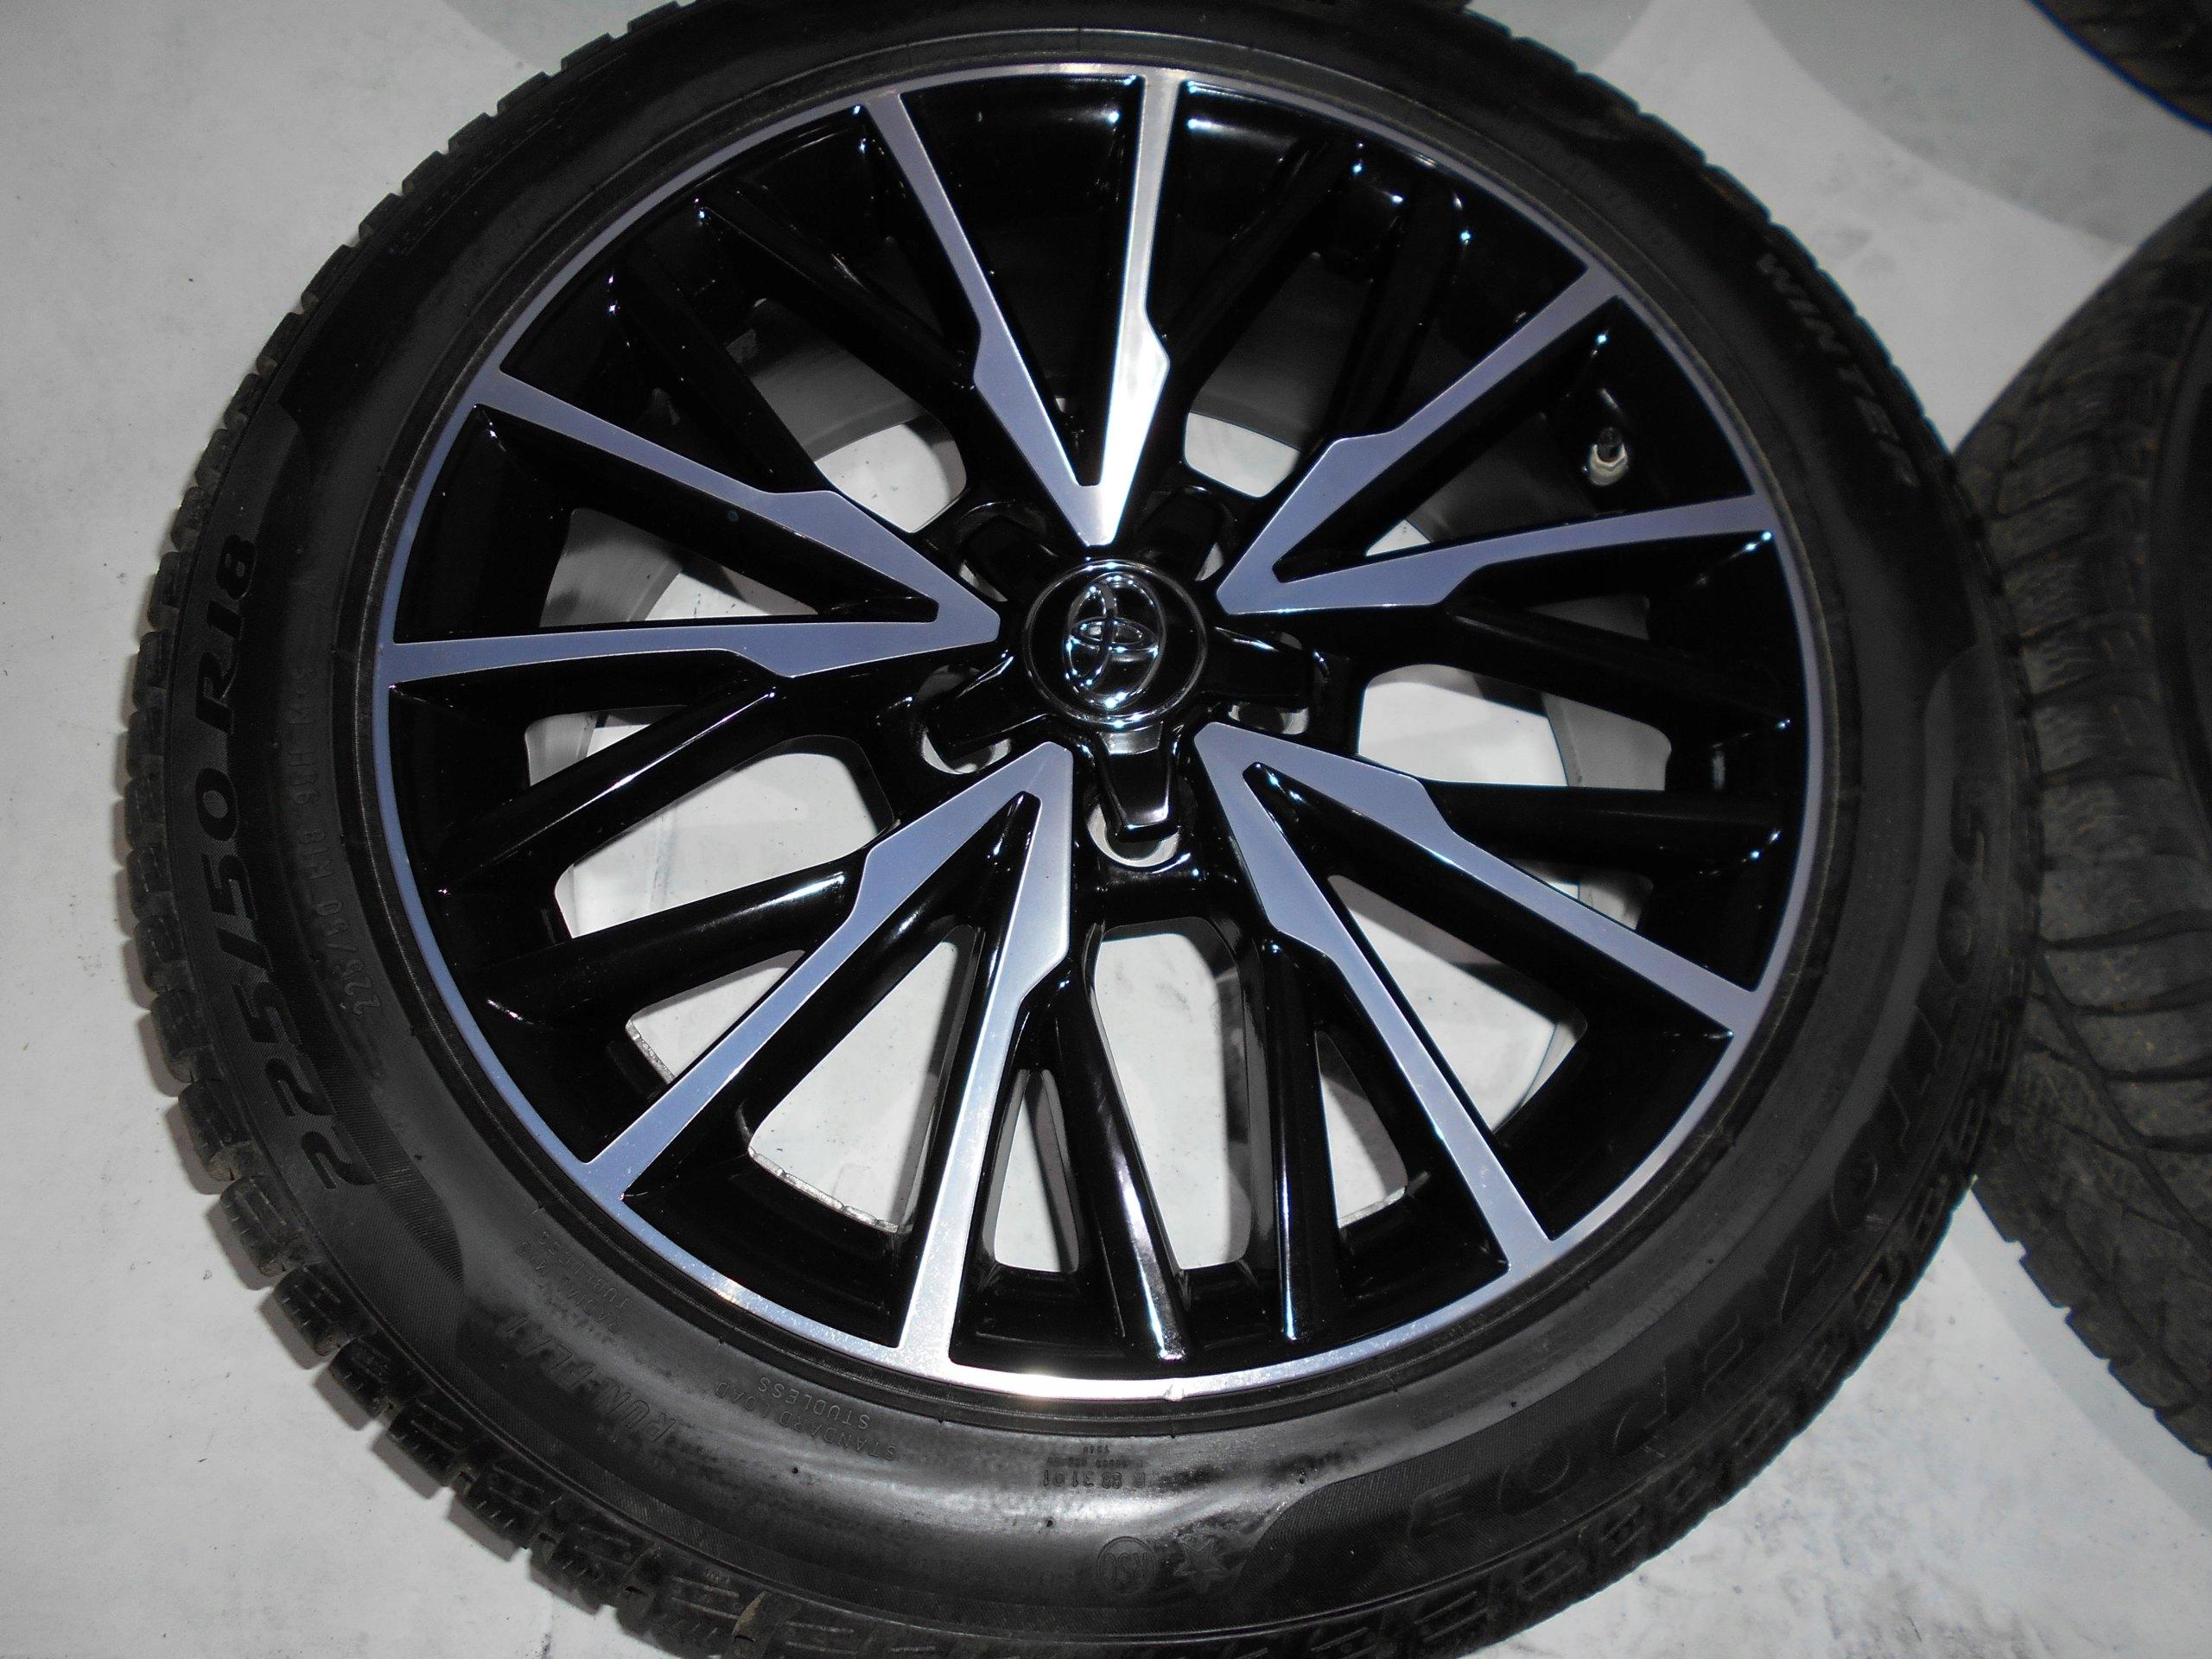 Toyota Chr C Hr Koła Opony Felgi R18x224x50 Zima 7404798282